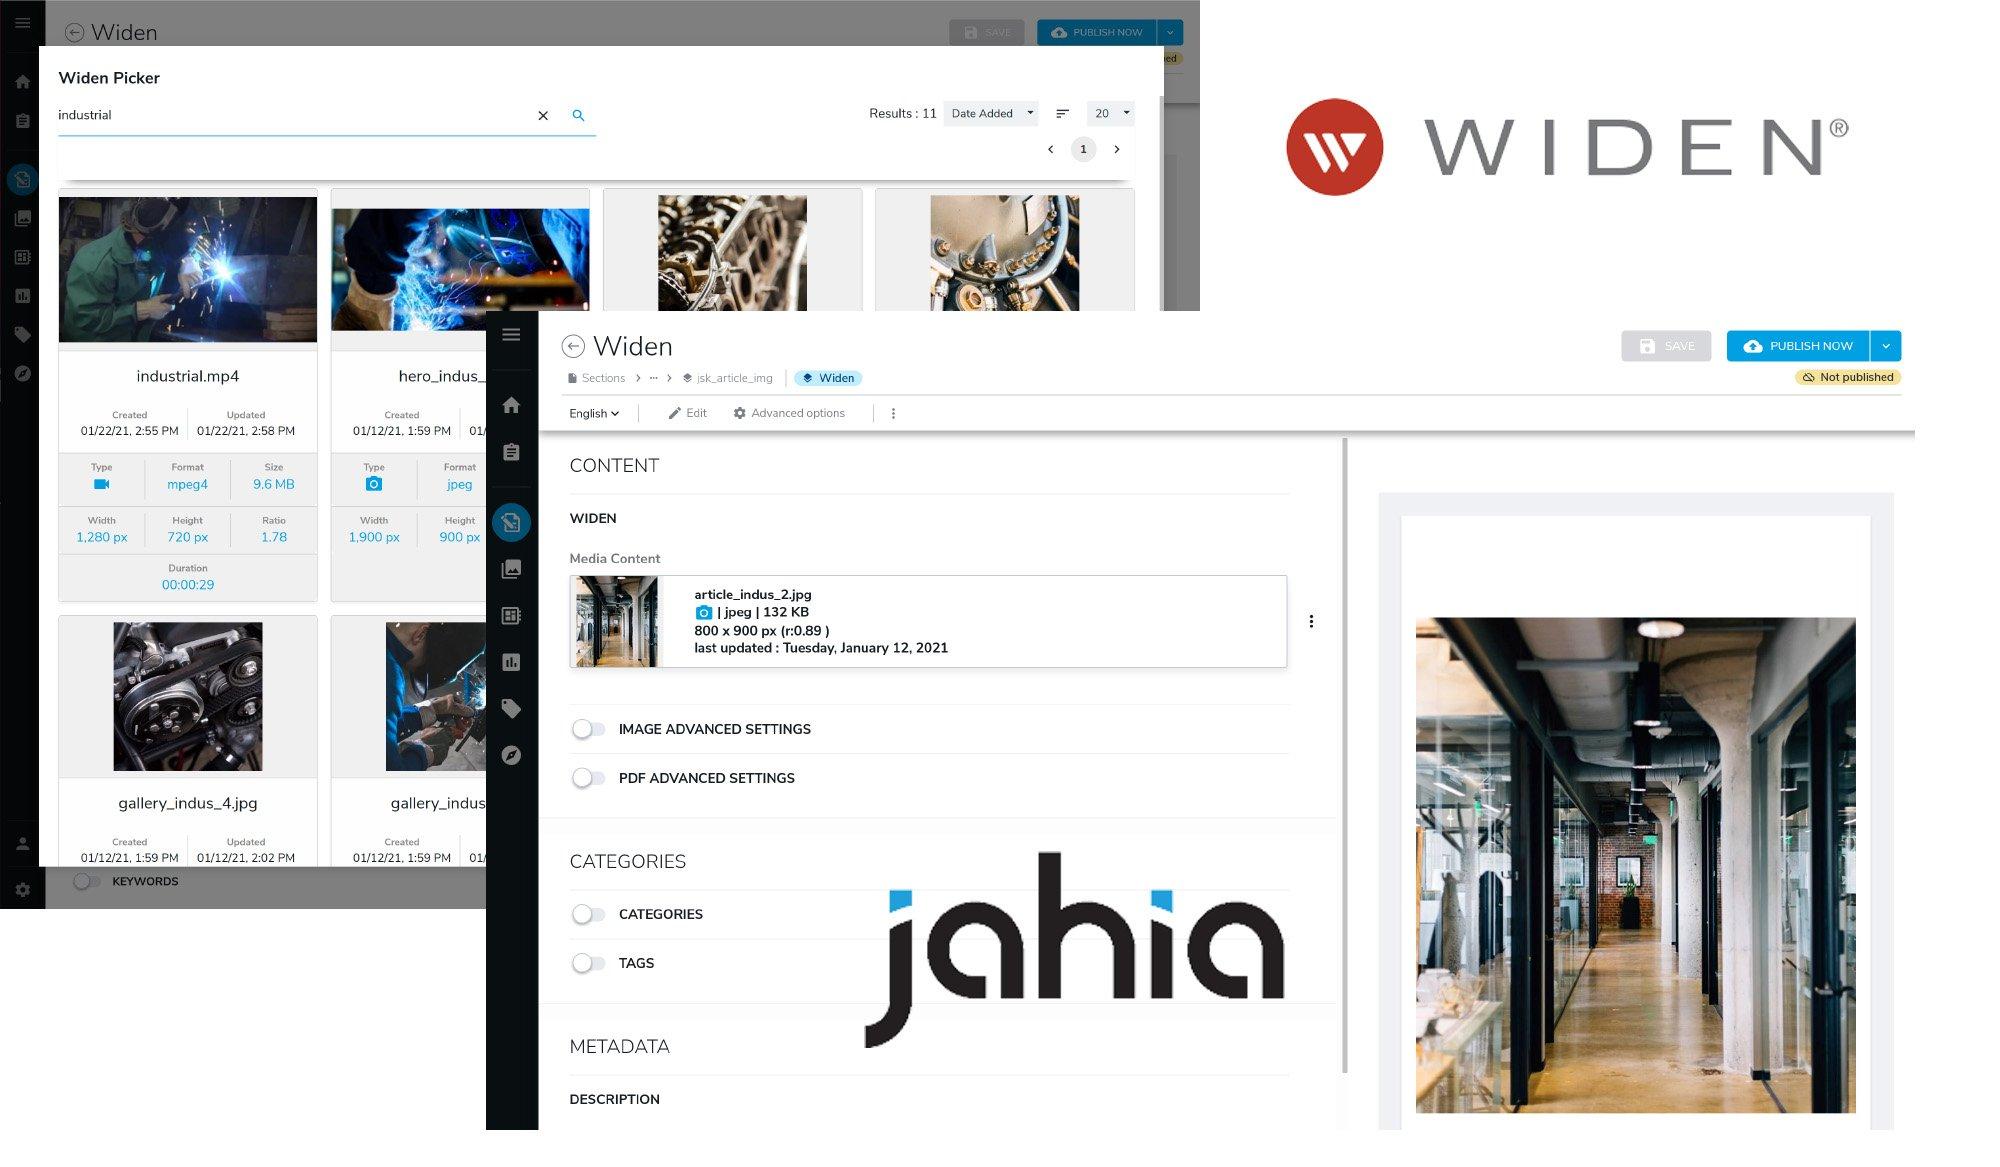 Jahia Widen